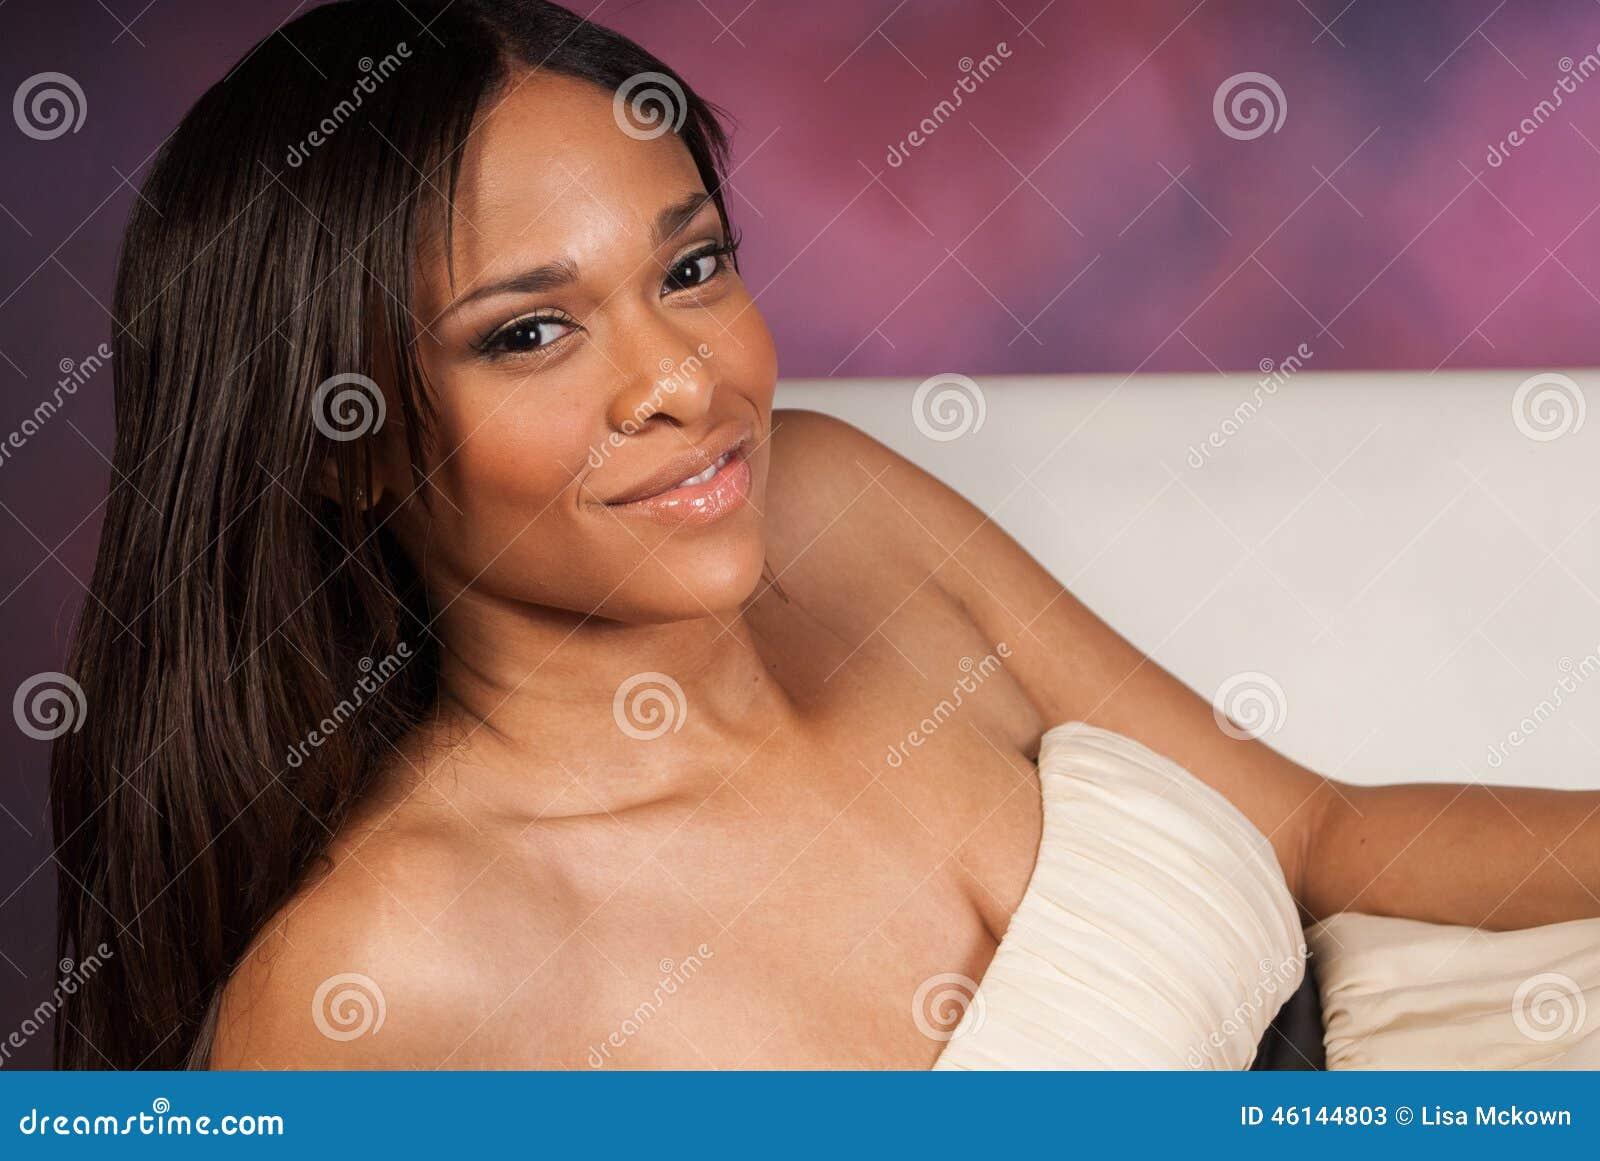 Vestito bianco d uso dalla bella donna di colore afroamericana sexy